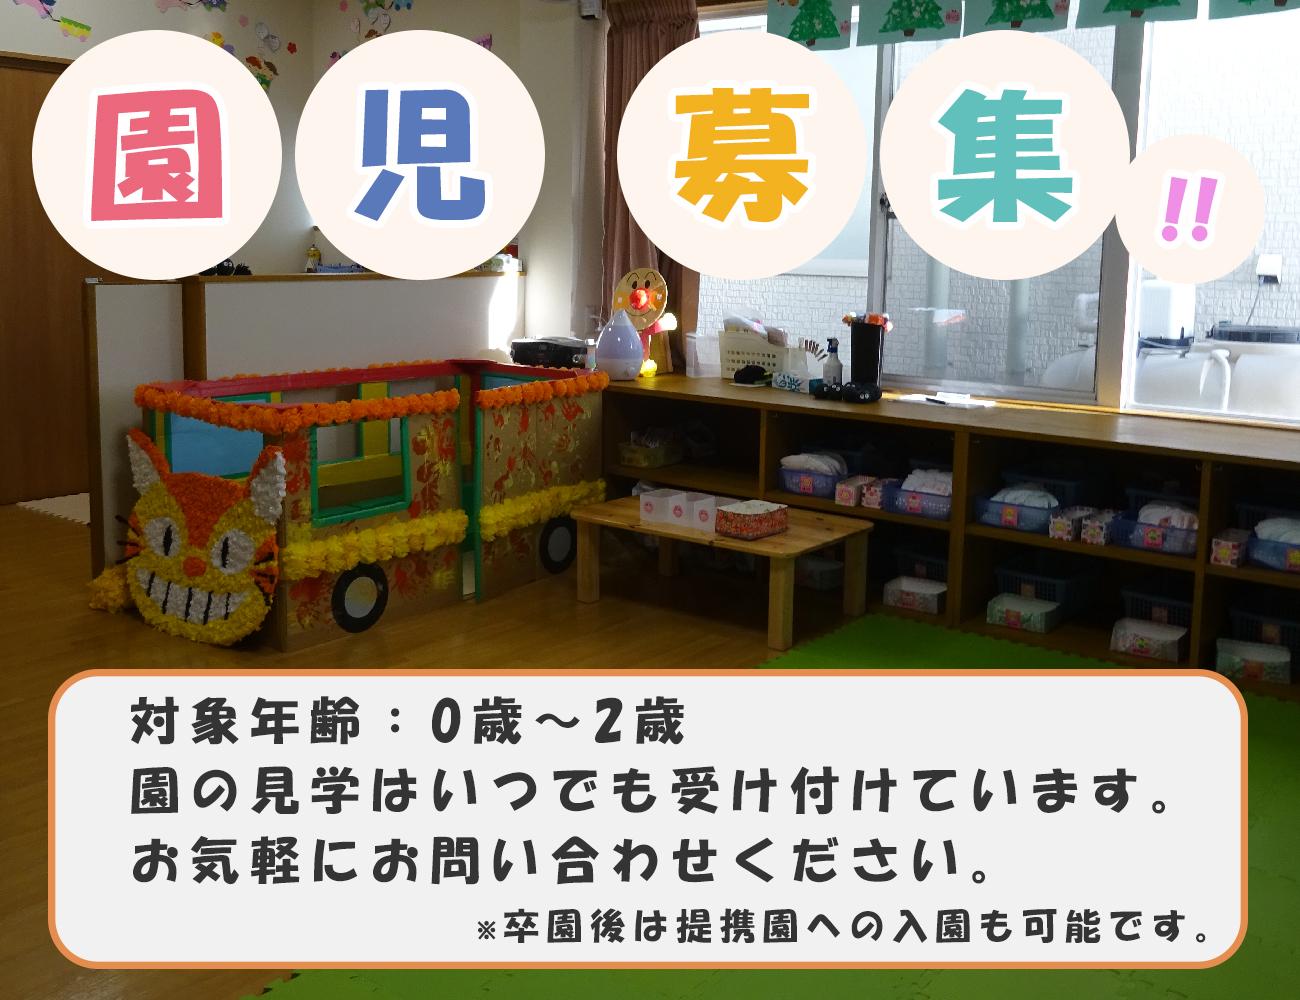 園児募集!!ひだまり保育園では小規模保育で子ども達の個性を大切にし、楽しい保育園を目指しています。